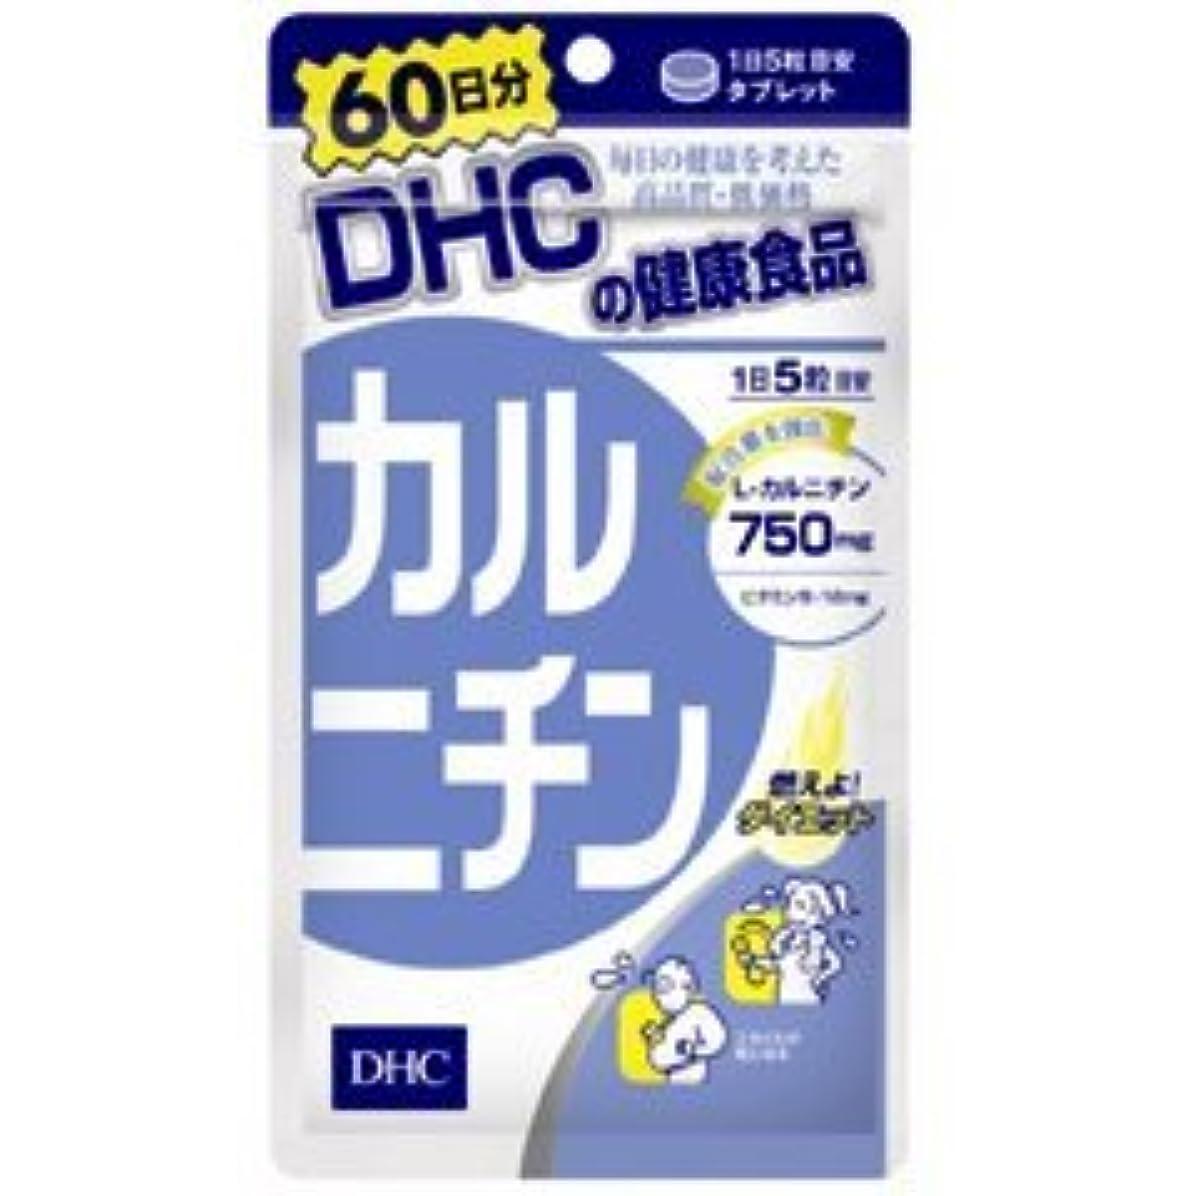 狂う絶えずケーキ【DHC】DHCの健康食品 カルニチン 60日分 300粒